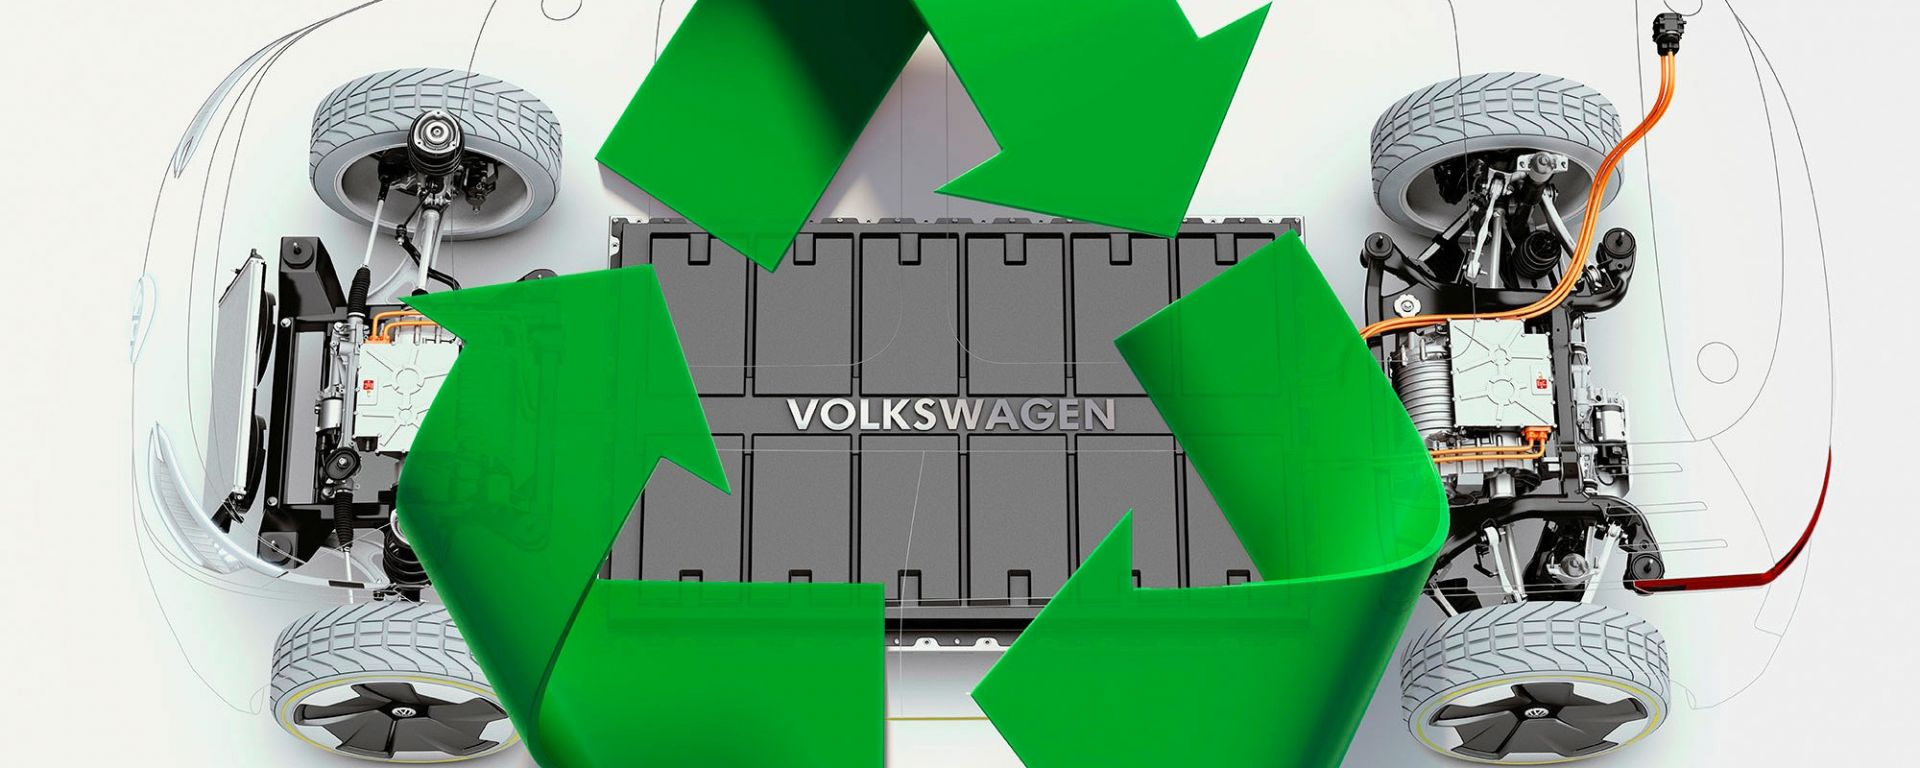 Volkswagen scommette sul riciclo delle batterie al litio